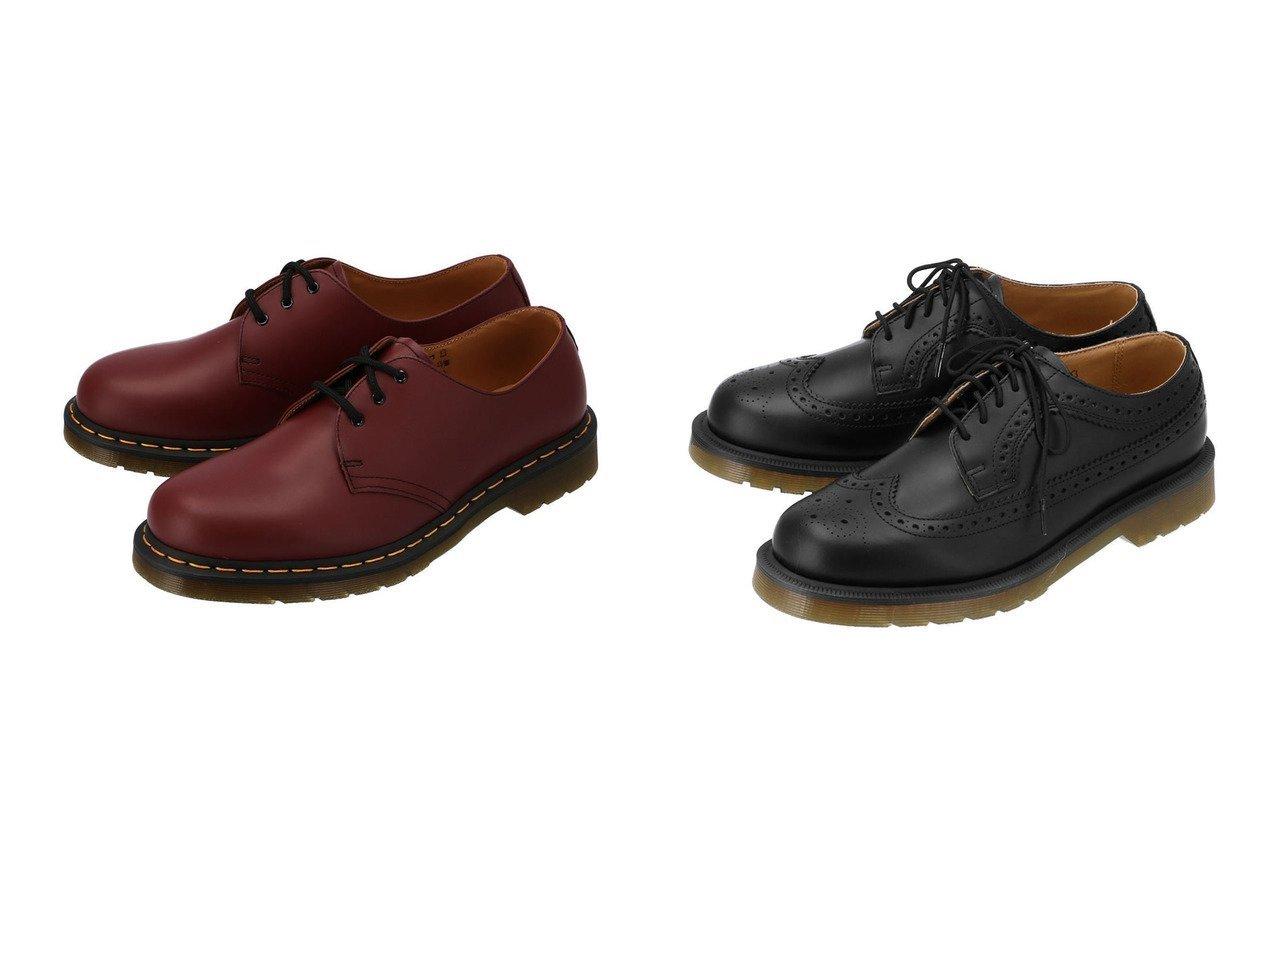 【Dr.Martens/ドクターマーチン】のDr.Martens ドクターマーチン 1461 SMOOTH&Dr.Martens ドクターマーチン 3989 SMOOTH シューズ・靴のおすすめ!人気、トレンド・レディースファッションの通販  おすすめで人気の流行・トレンド、ファッションの通販商品 メンズファッション・キッズファッション・インテリア・家具・レディースファッション・服の通販 founy(ファニー) https://founy.com/ ファッション Fashion レディースファッション WOMEN カメラ シューズ シンプル チェリー 定番 Standard 人気 フォルム ベーシック メンズ |ID:crp329100000019305